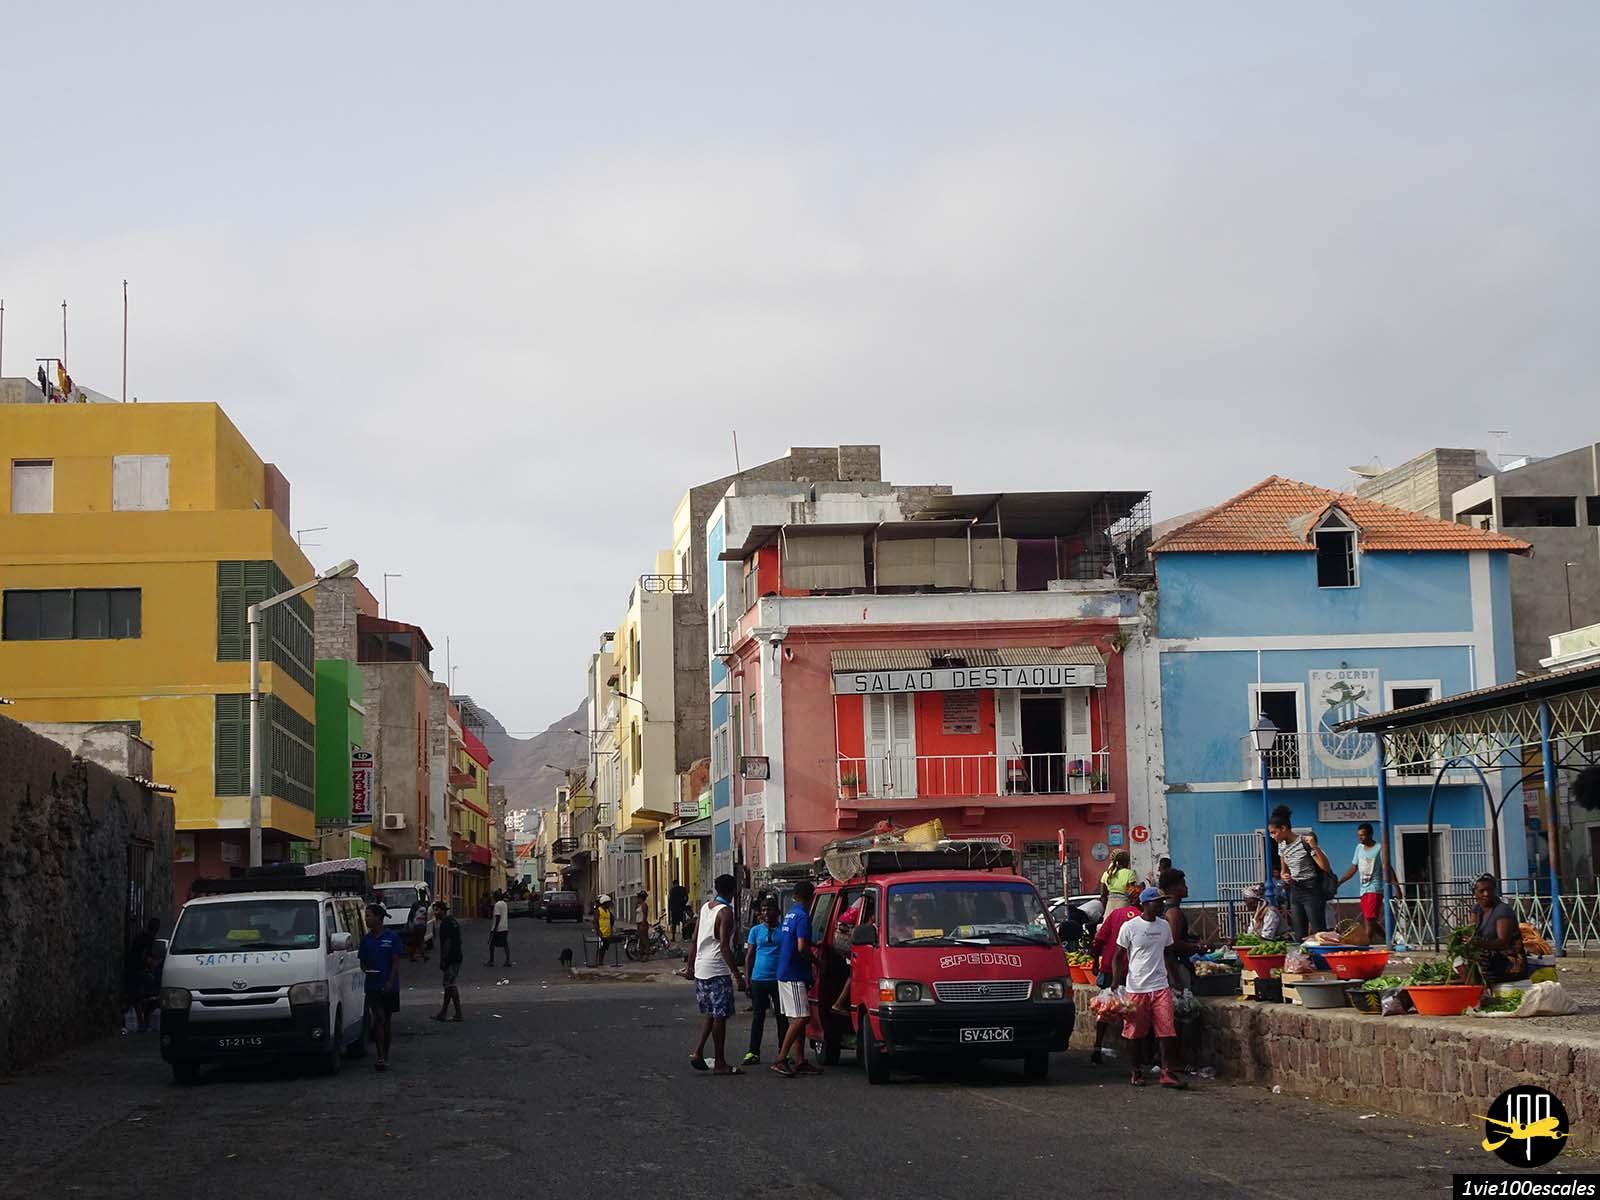 Les stands de fruits et légumes à Mindelo sur l'île de Sao Vicente